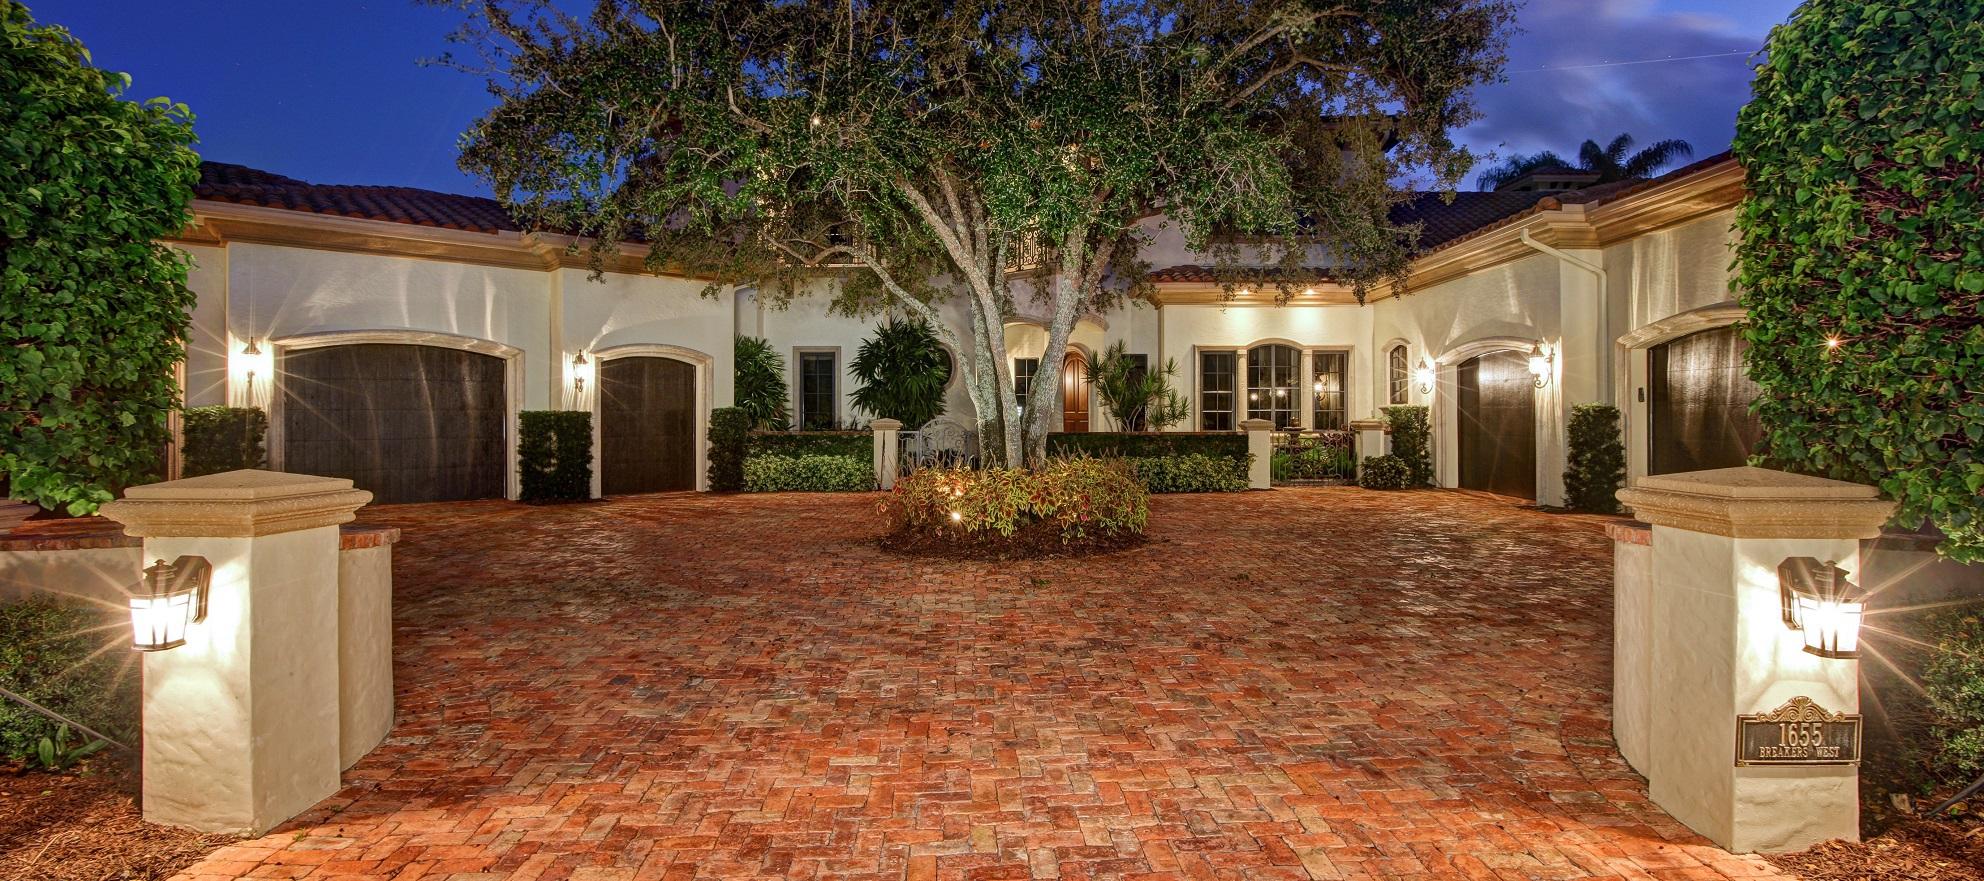 Luxury listing: Breakers West Mediterranean estate